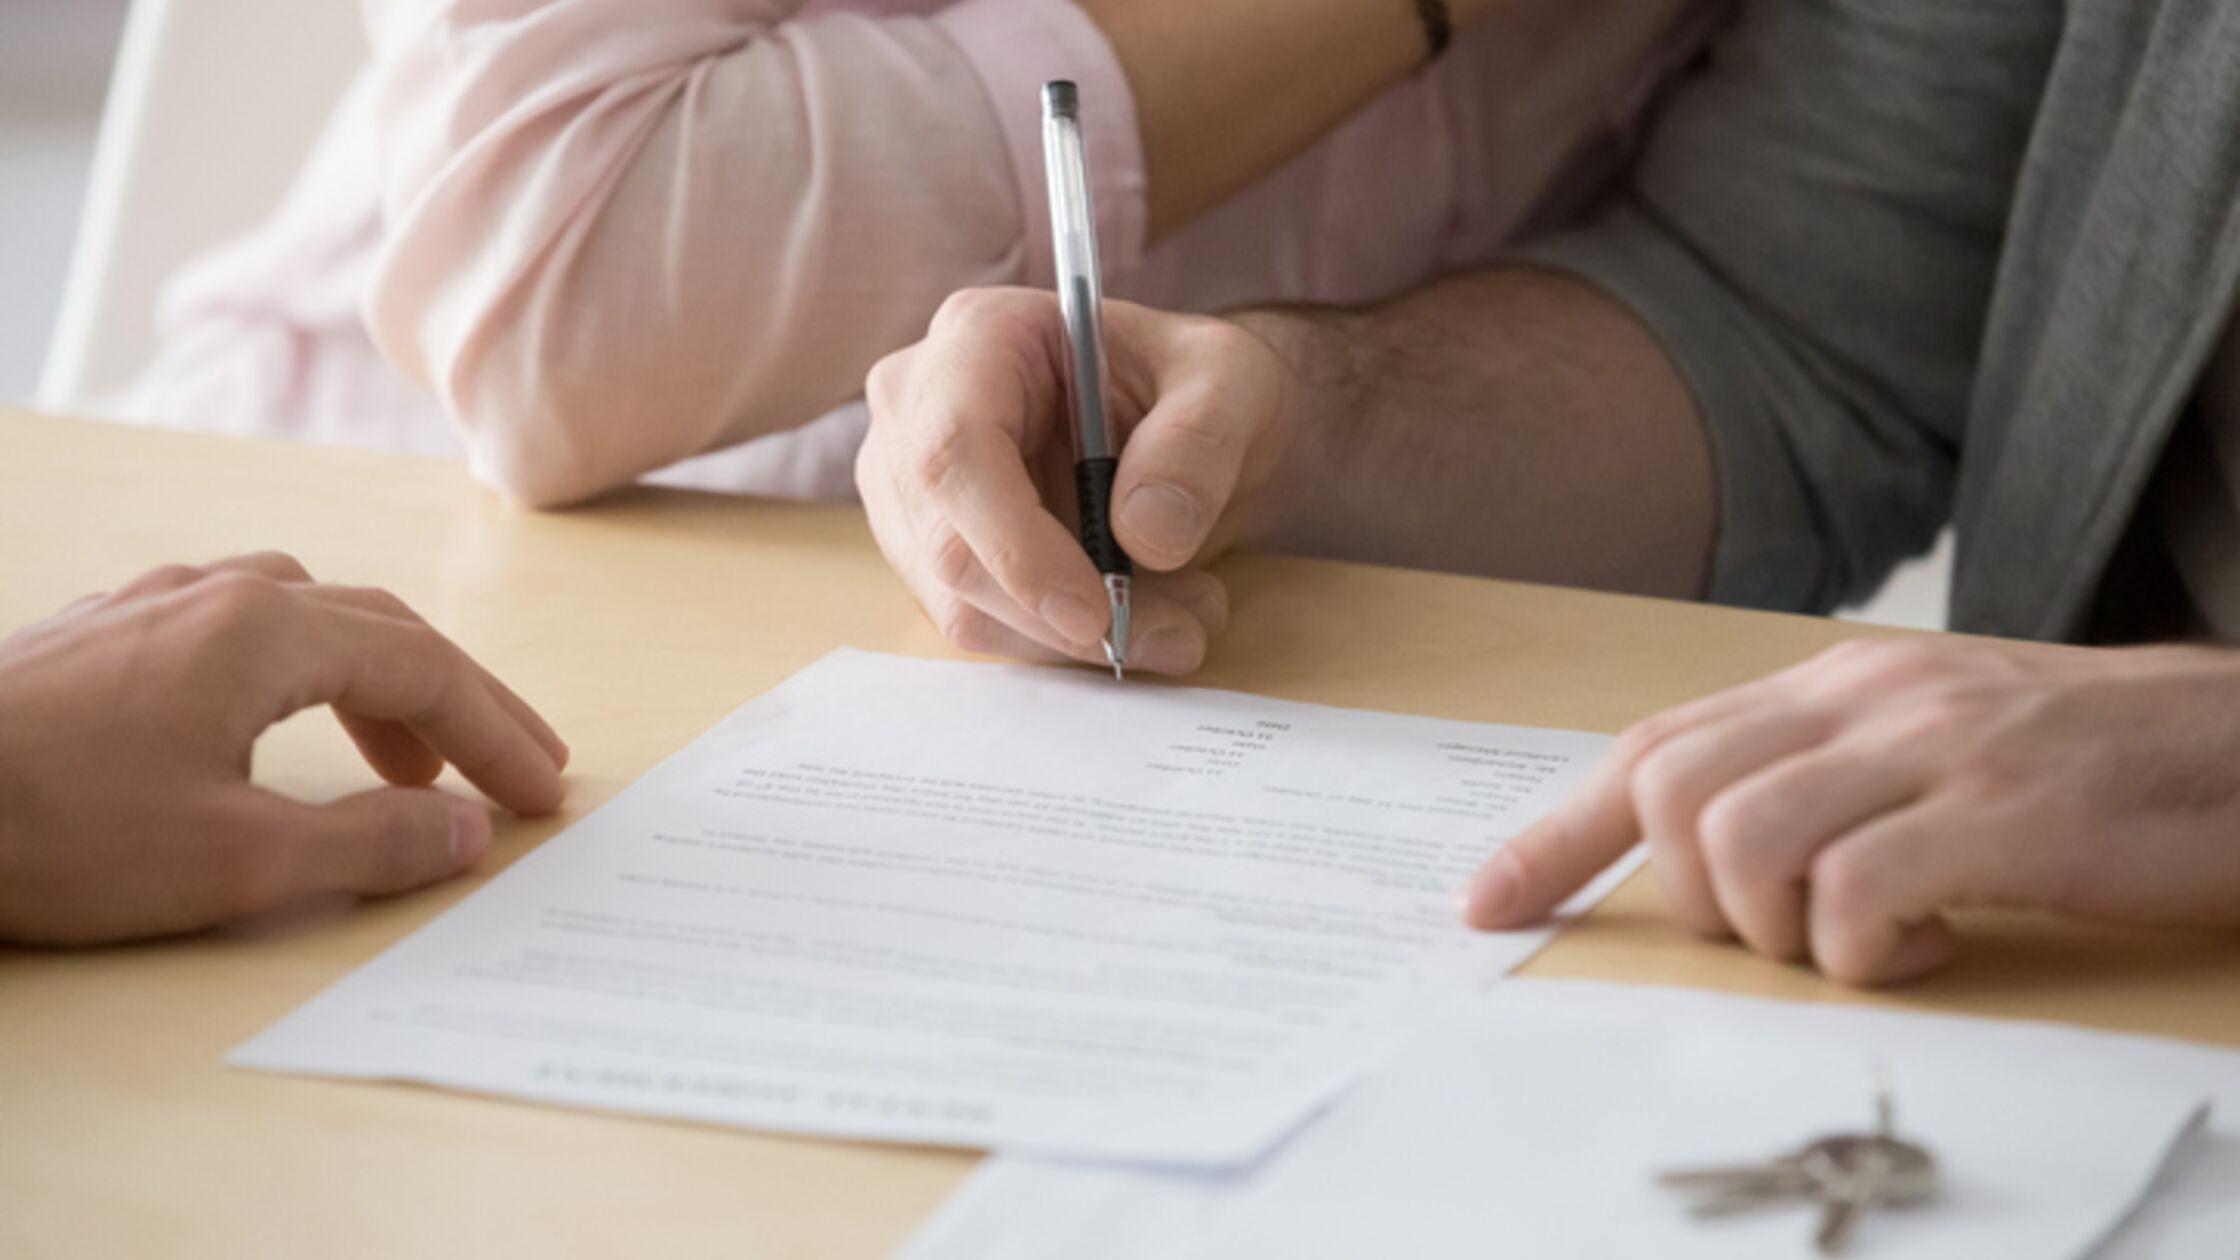 Mietvertrag für Wohnung zur Untermiete